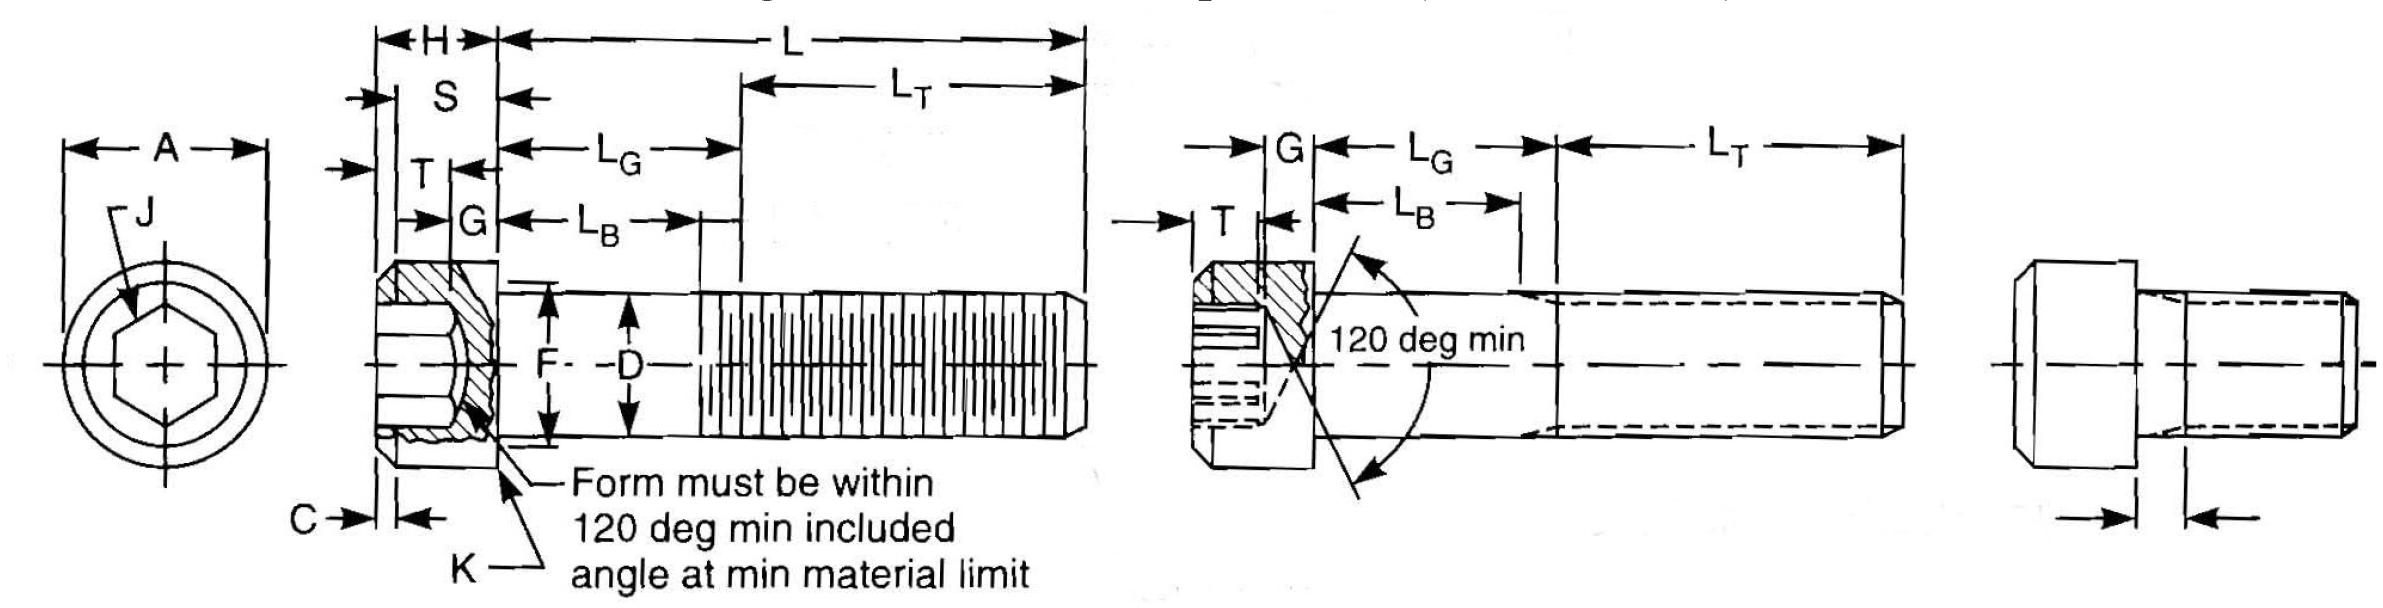 Stainless steel socket head cap screw dimensions